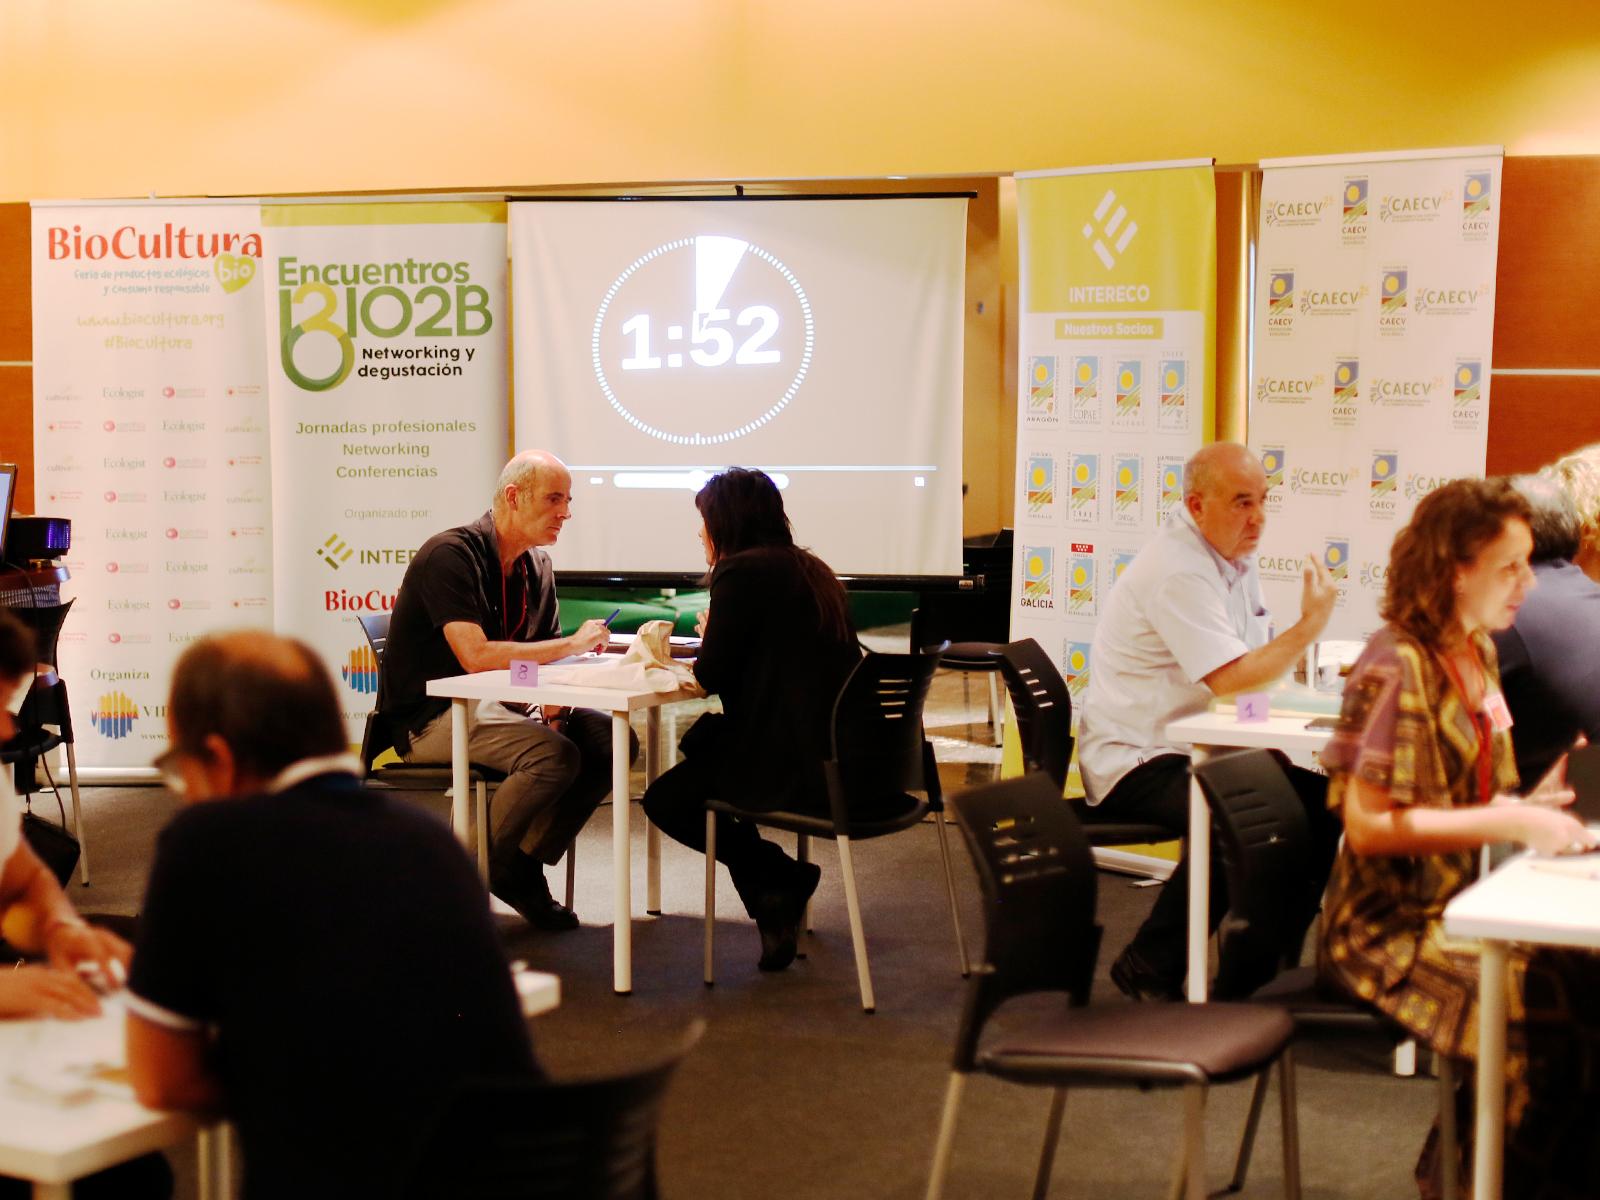 Las Ecotiendas a debate en el 4º  Encuentro Bio2B en BioCultura  Valencia